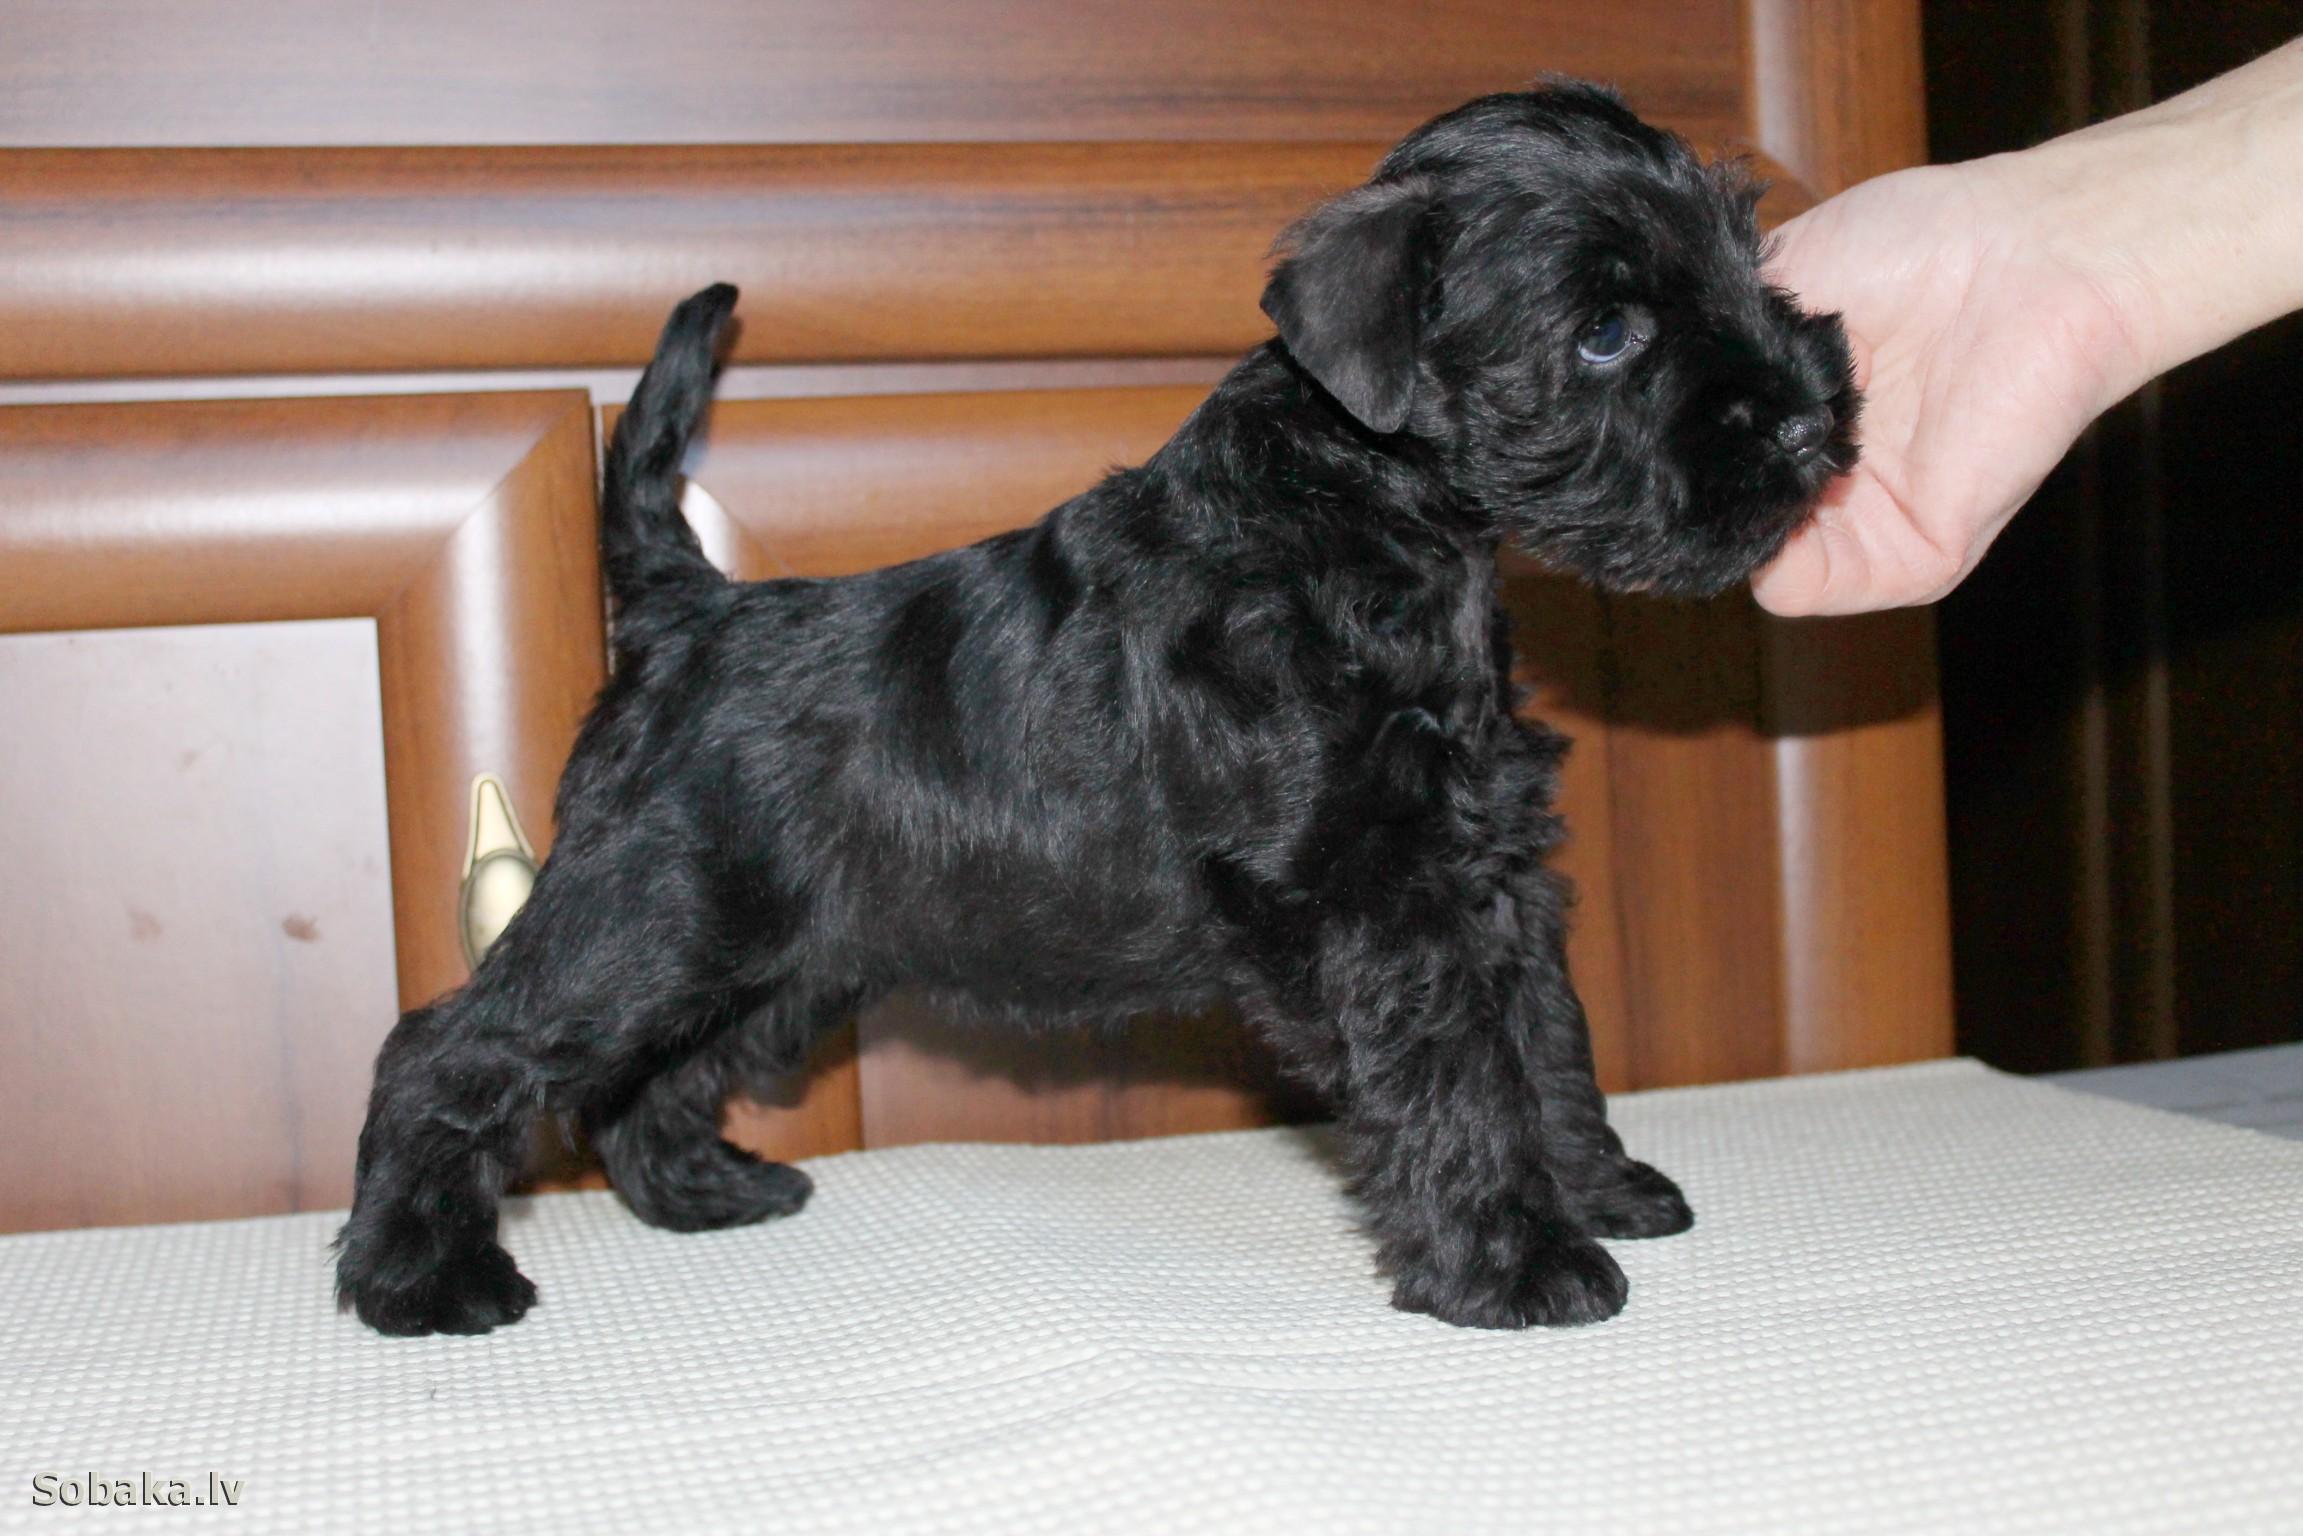 Продаются щенки цвергшнауцера (миниатюрного шнауцера), белого окраса от родителей-чемпионов